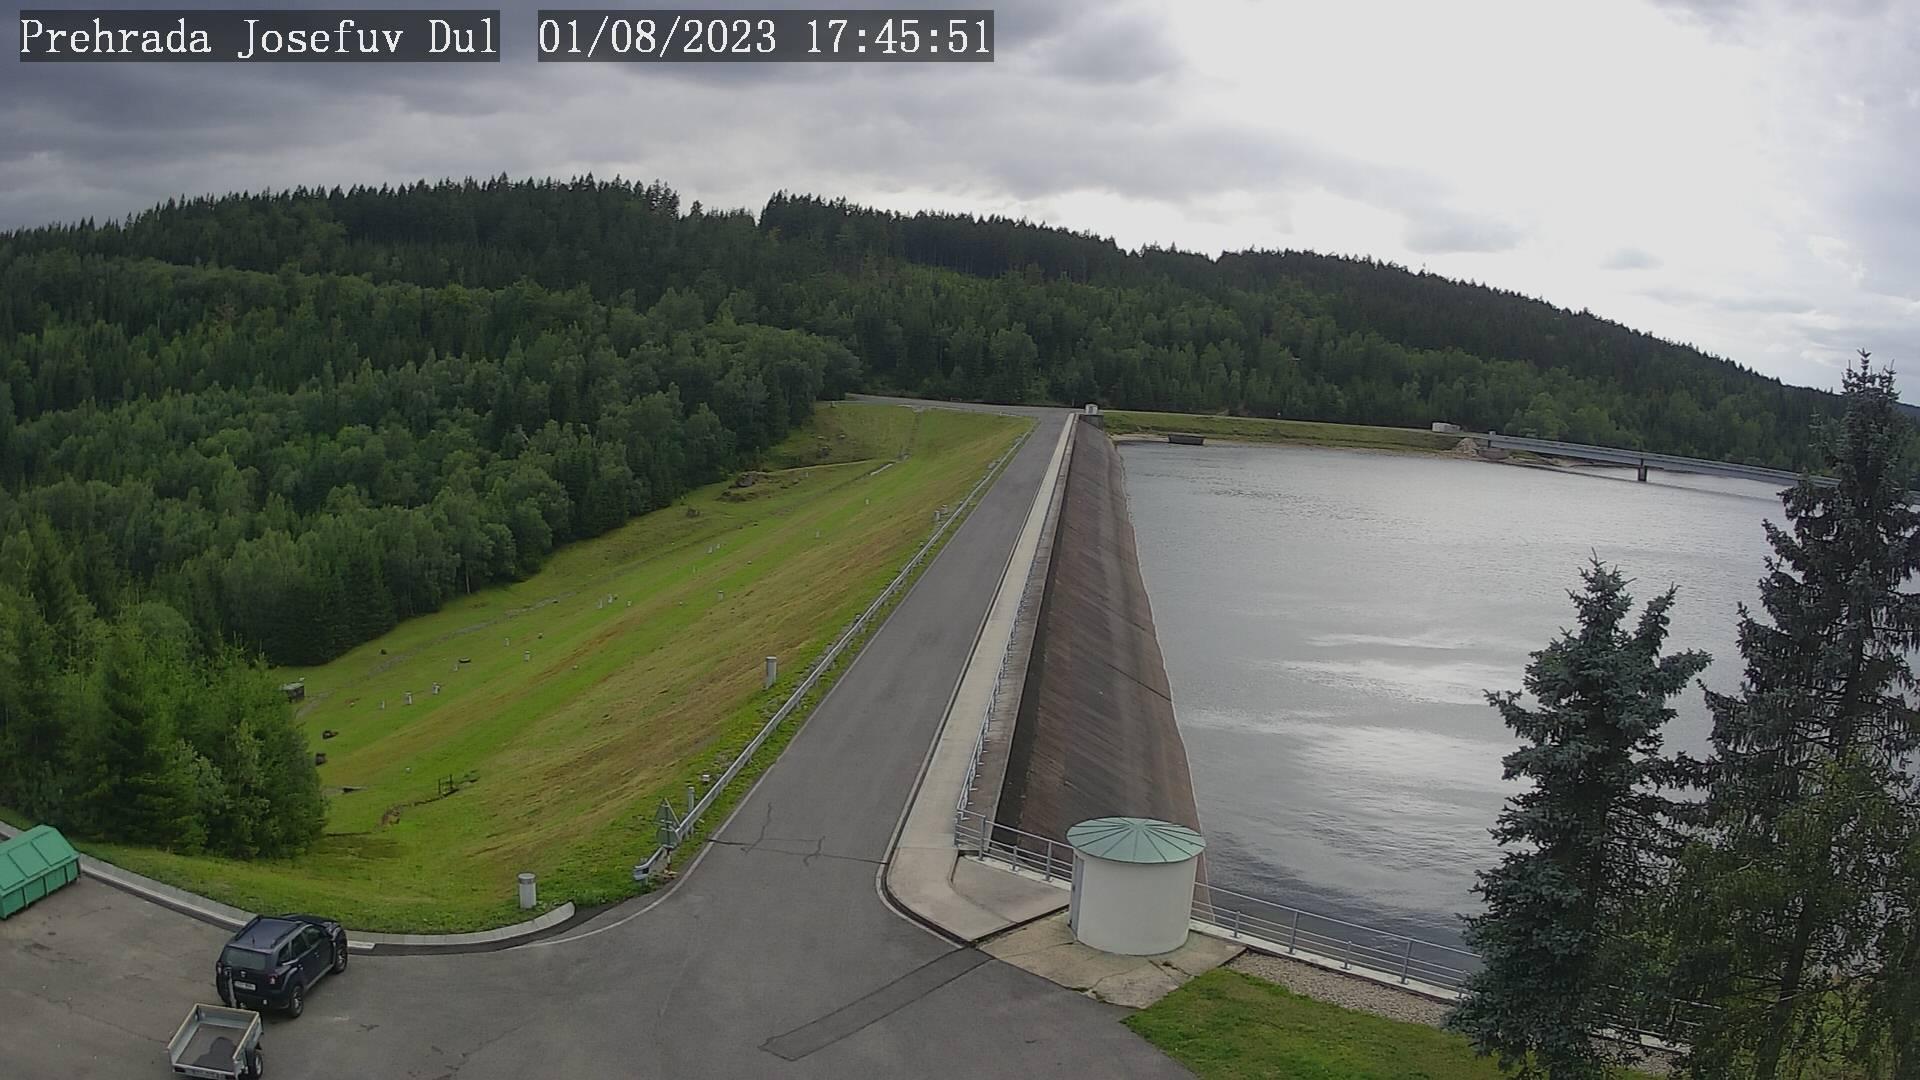 Webcam - Dam Josefův Důl